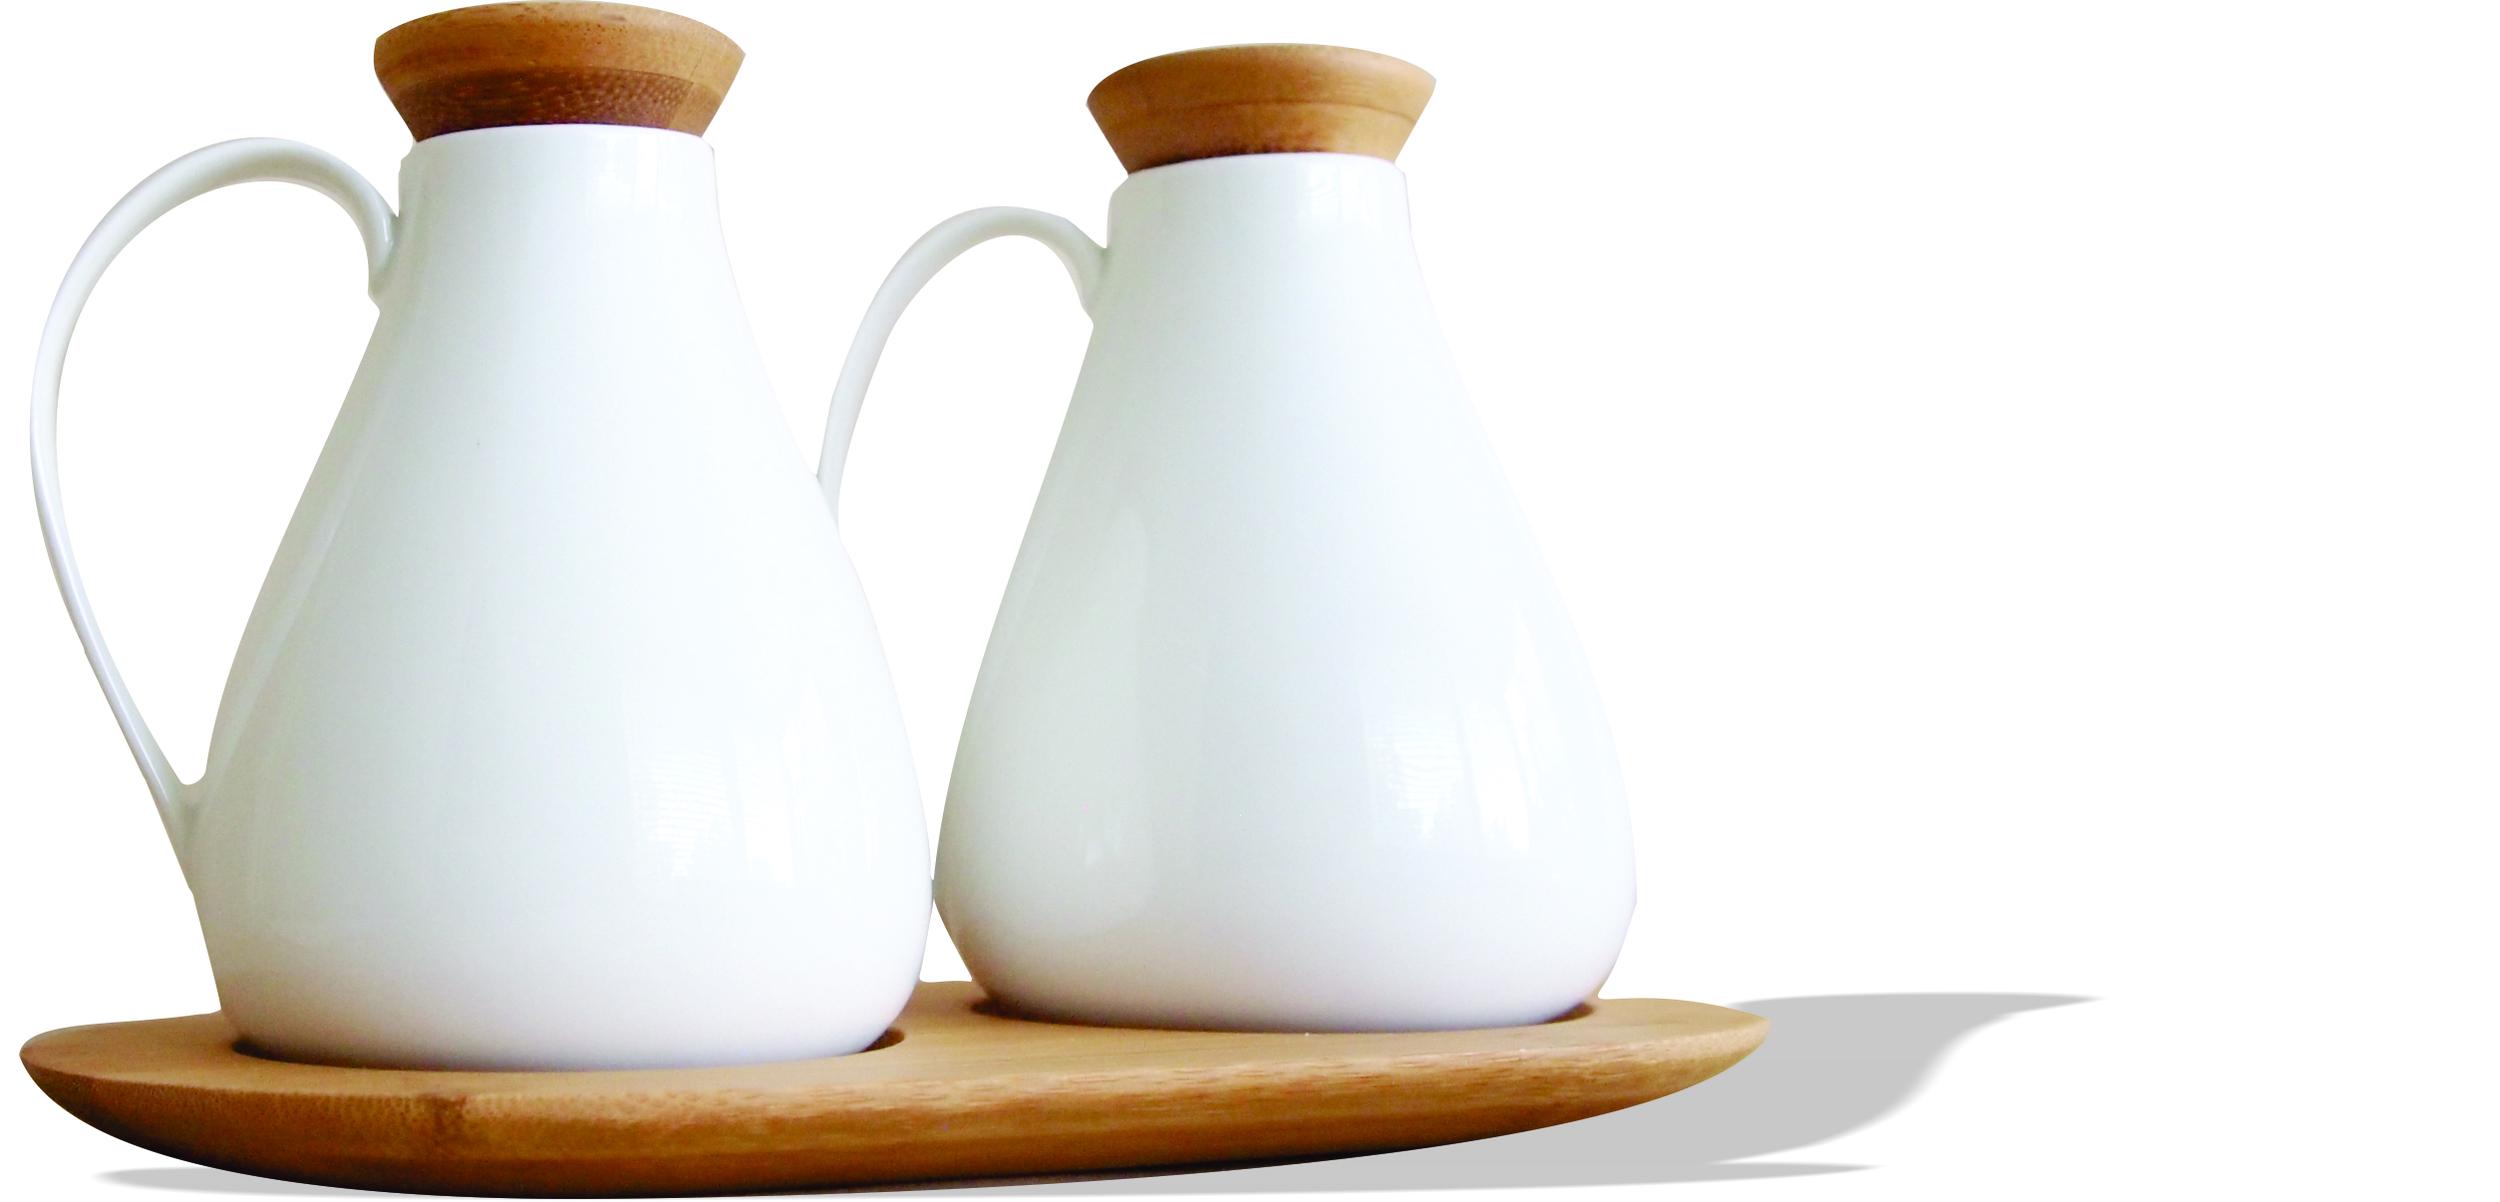 botanica-oil-vinegar-bottle.jpg